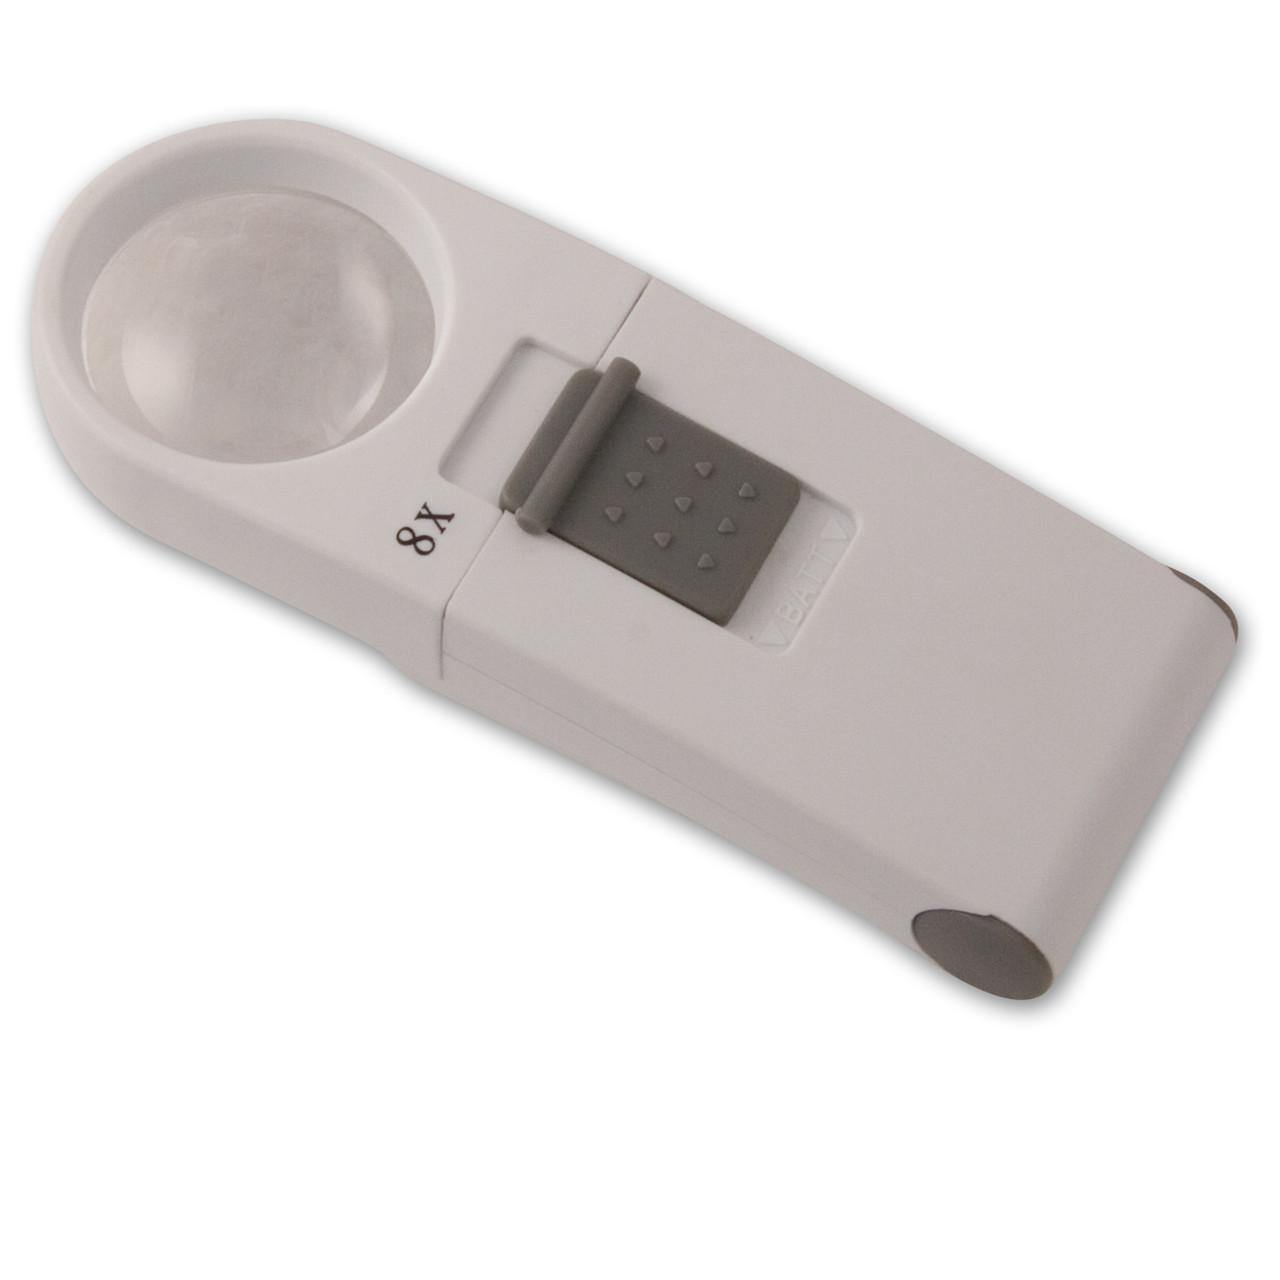 Handheld Magnifier 8X / 28D Round